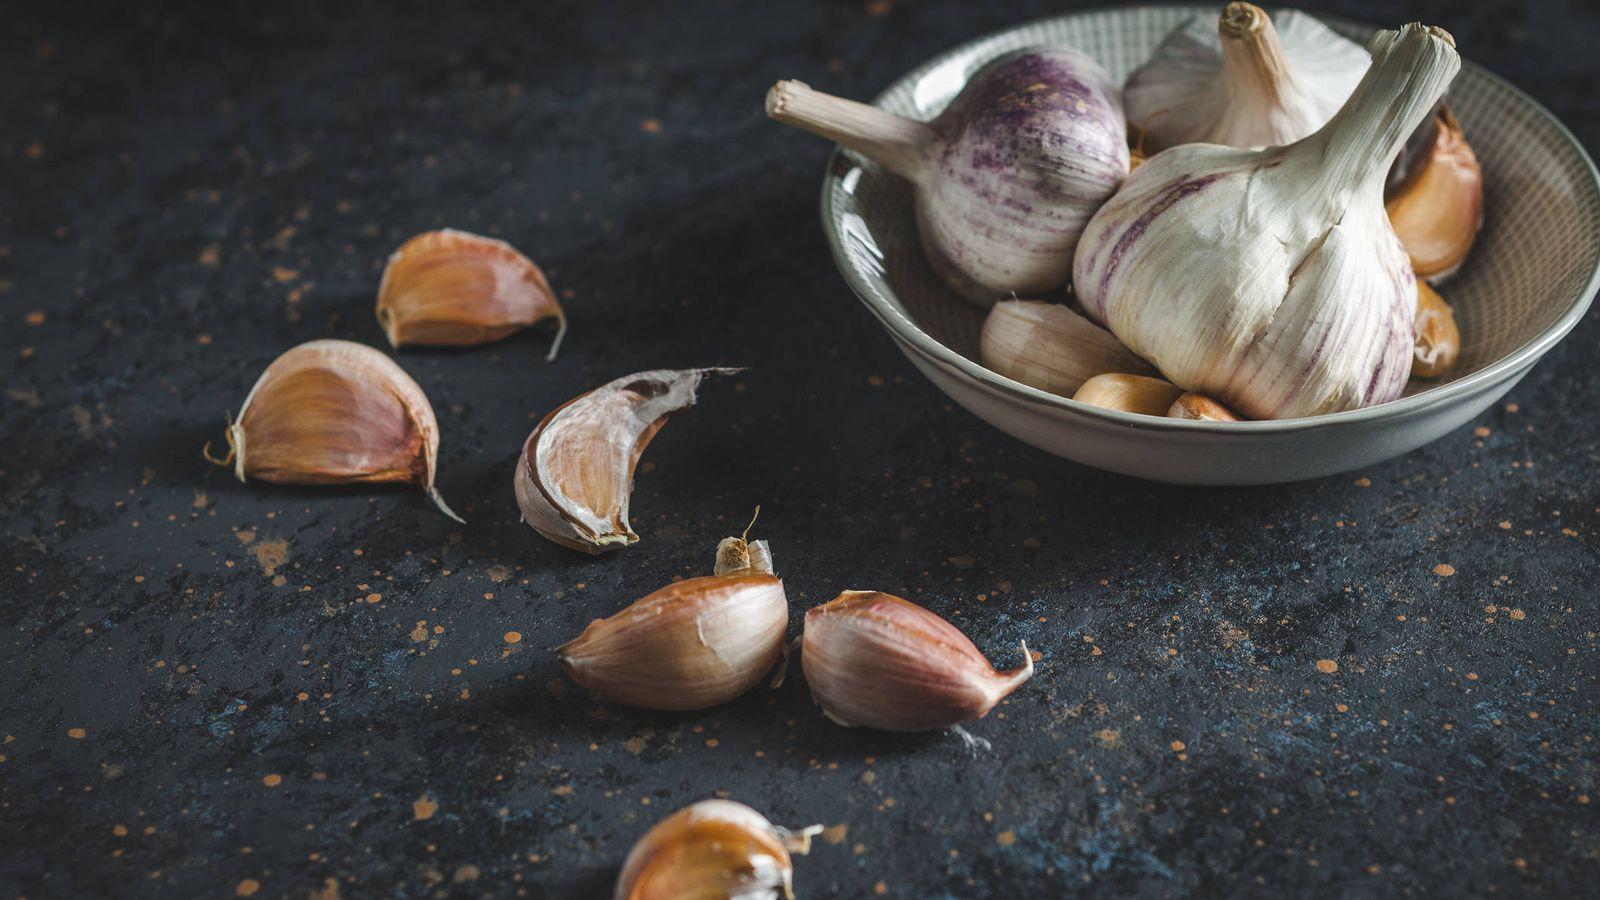 Dieta: Por qué deberías incluir el ajo en tu dieta aunque no te guste y  trucos para hacerlo